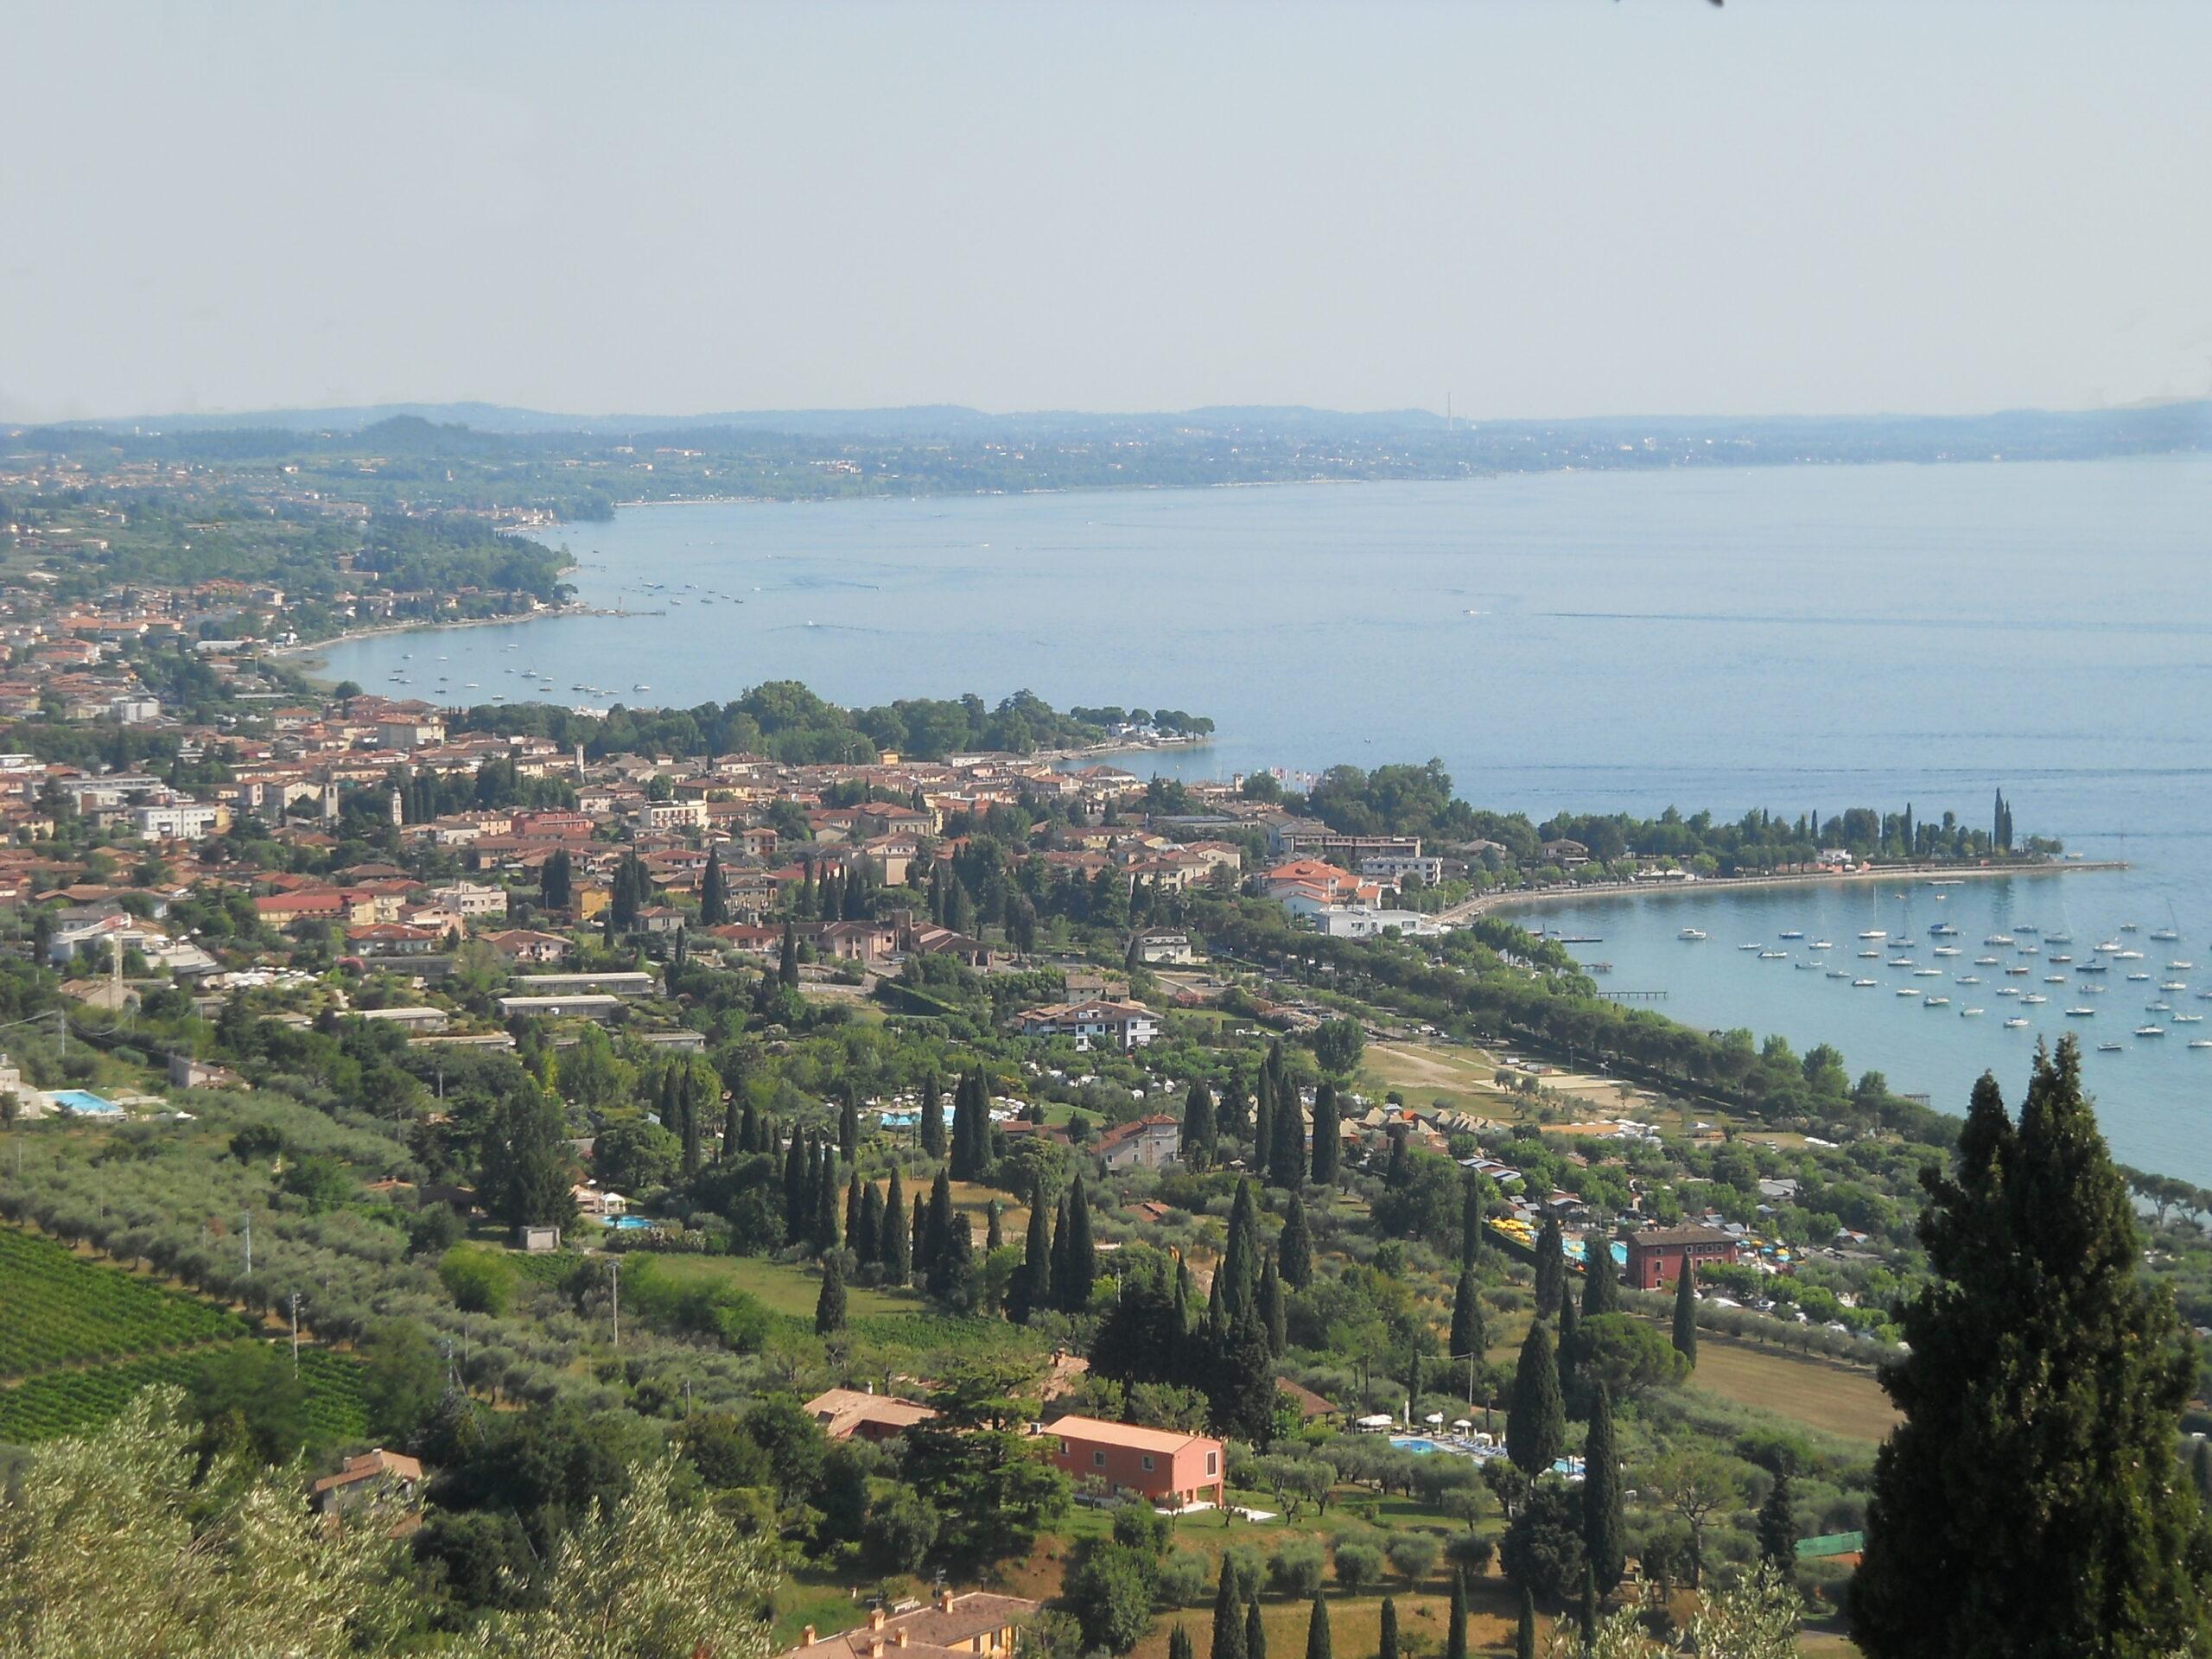 Nasce a Bardolino un percorso enoturistico lungo 100 km tra le vigne del Garda